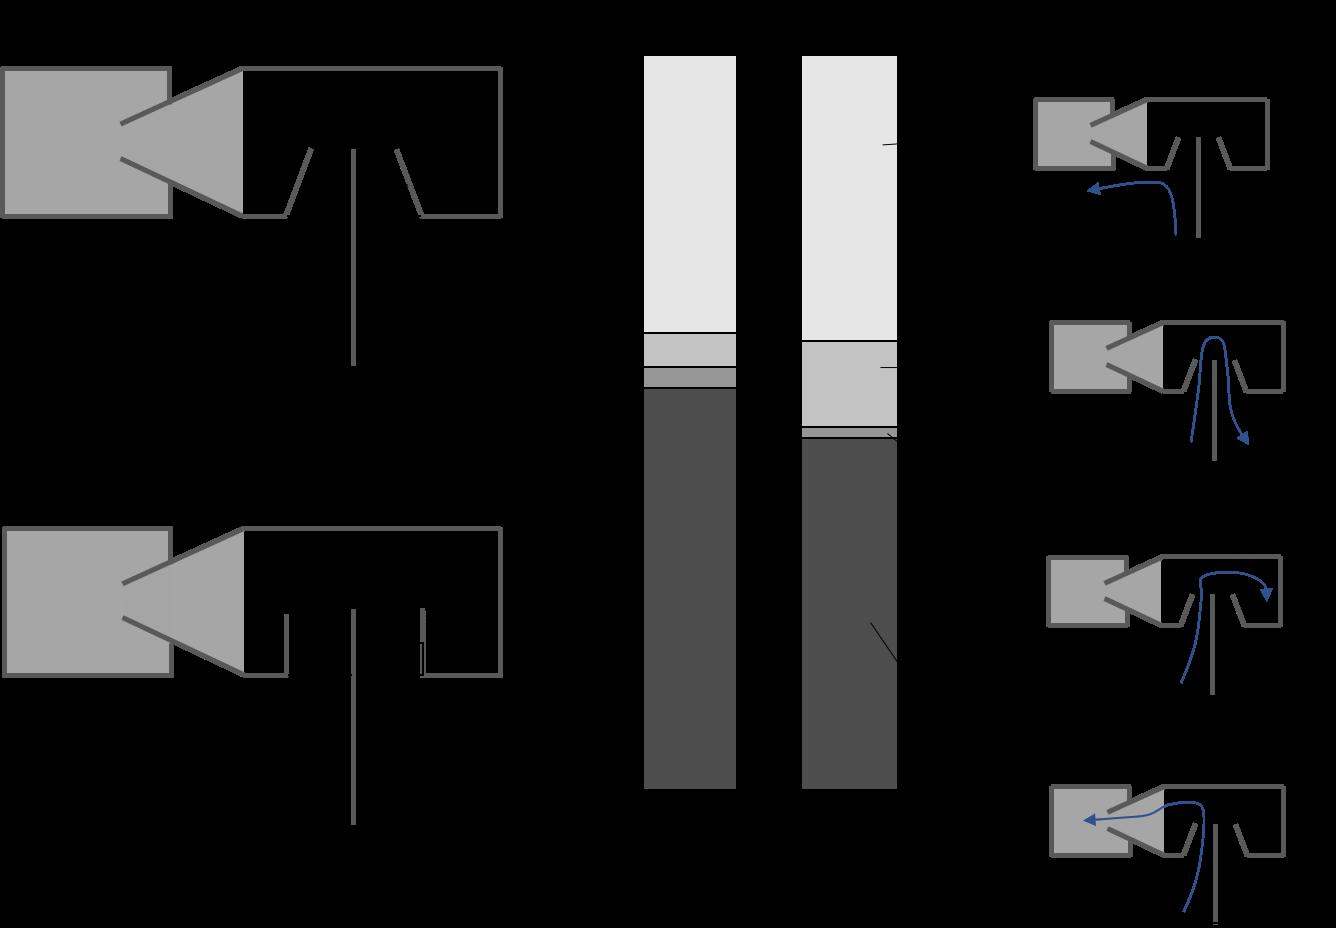 定置網シミュレーション結果